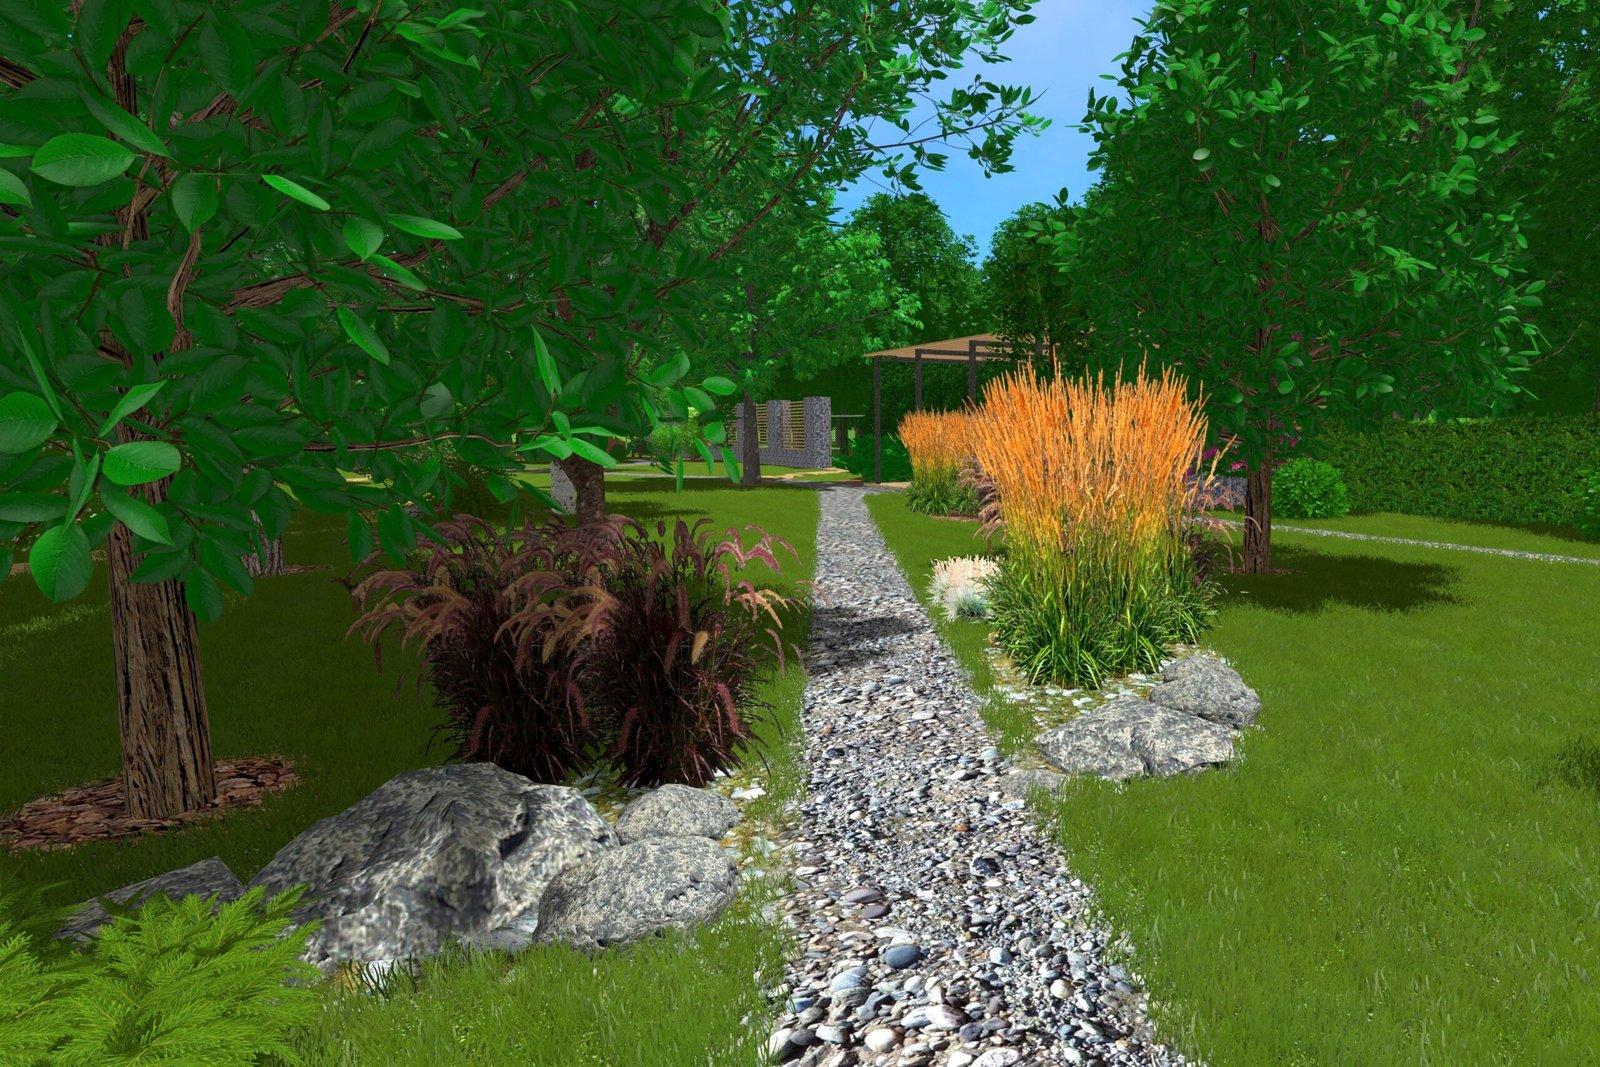 Важнейшие характеристики участка для ландшафтного дизайна, приусадебная территория озеленение